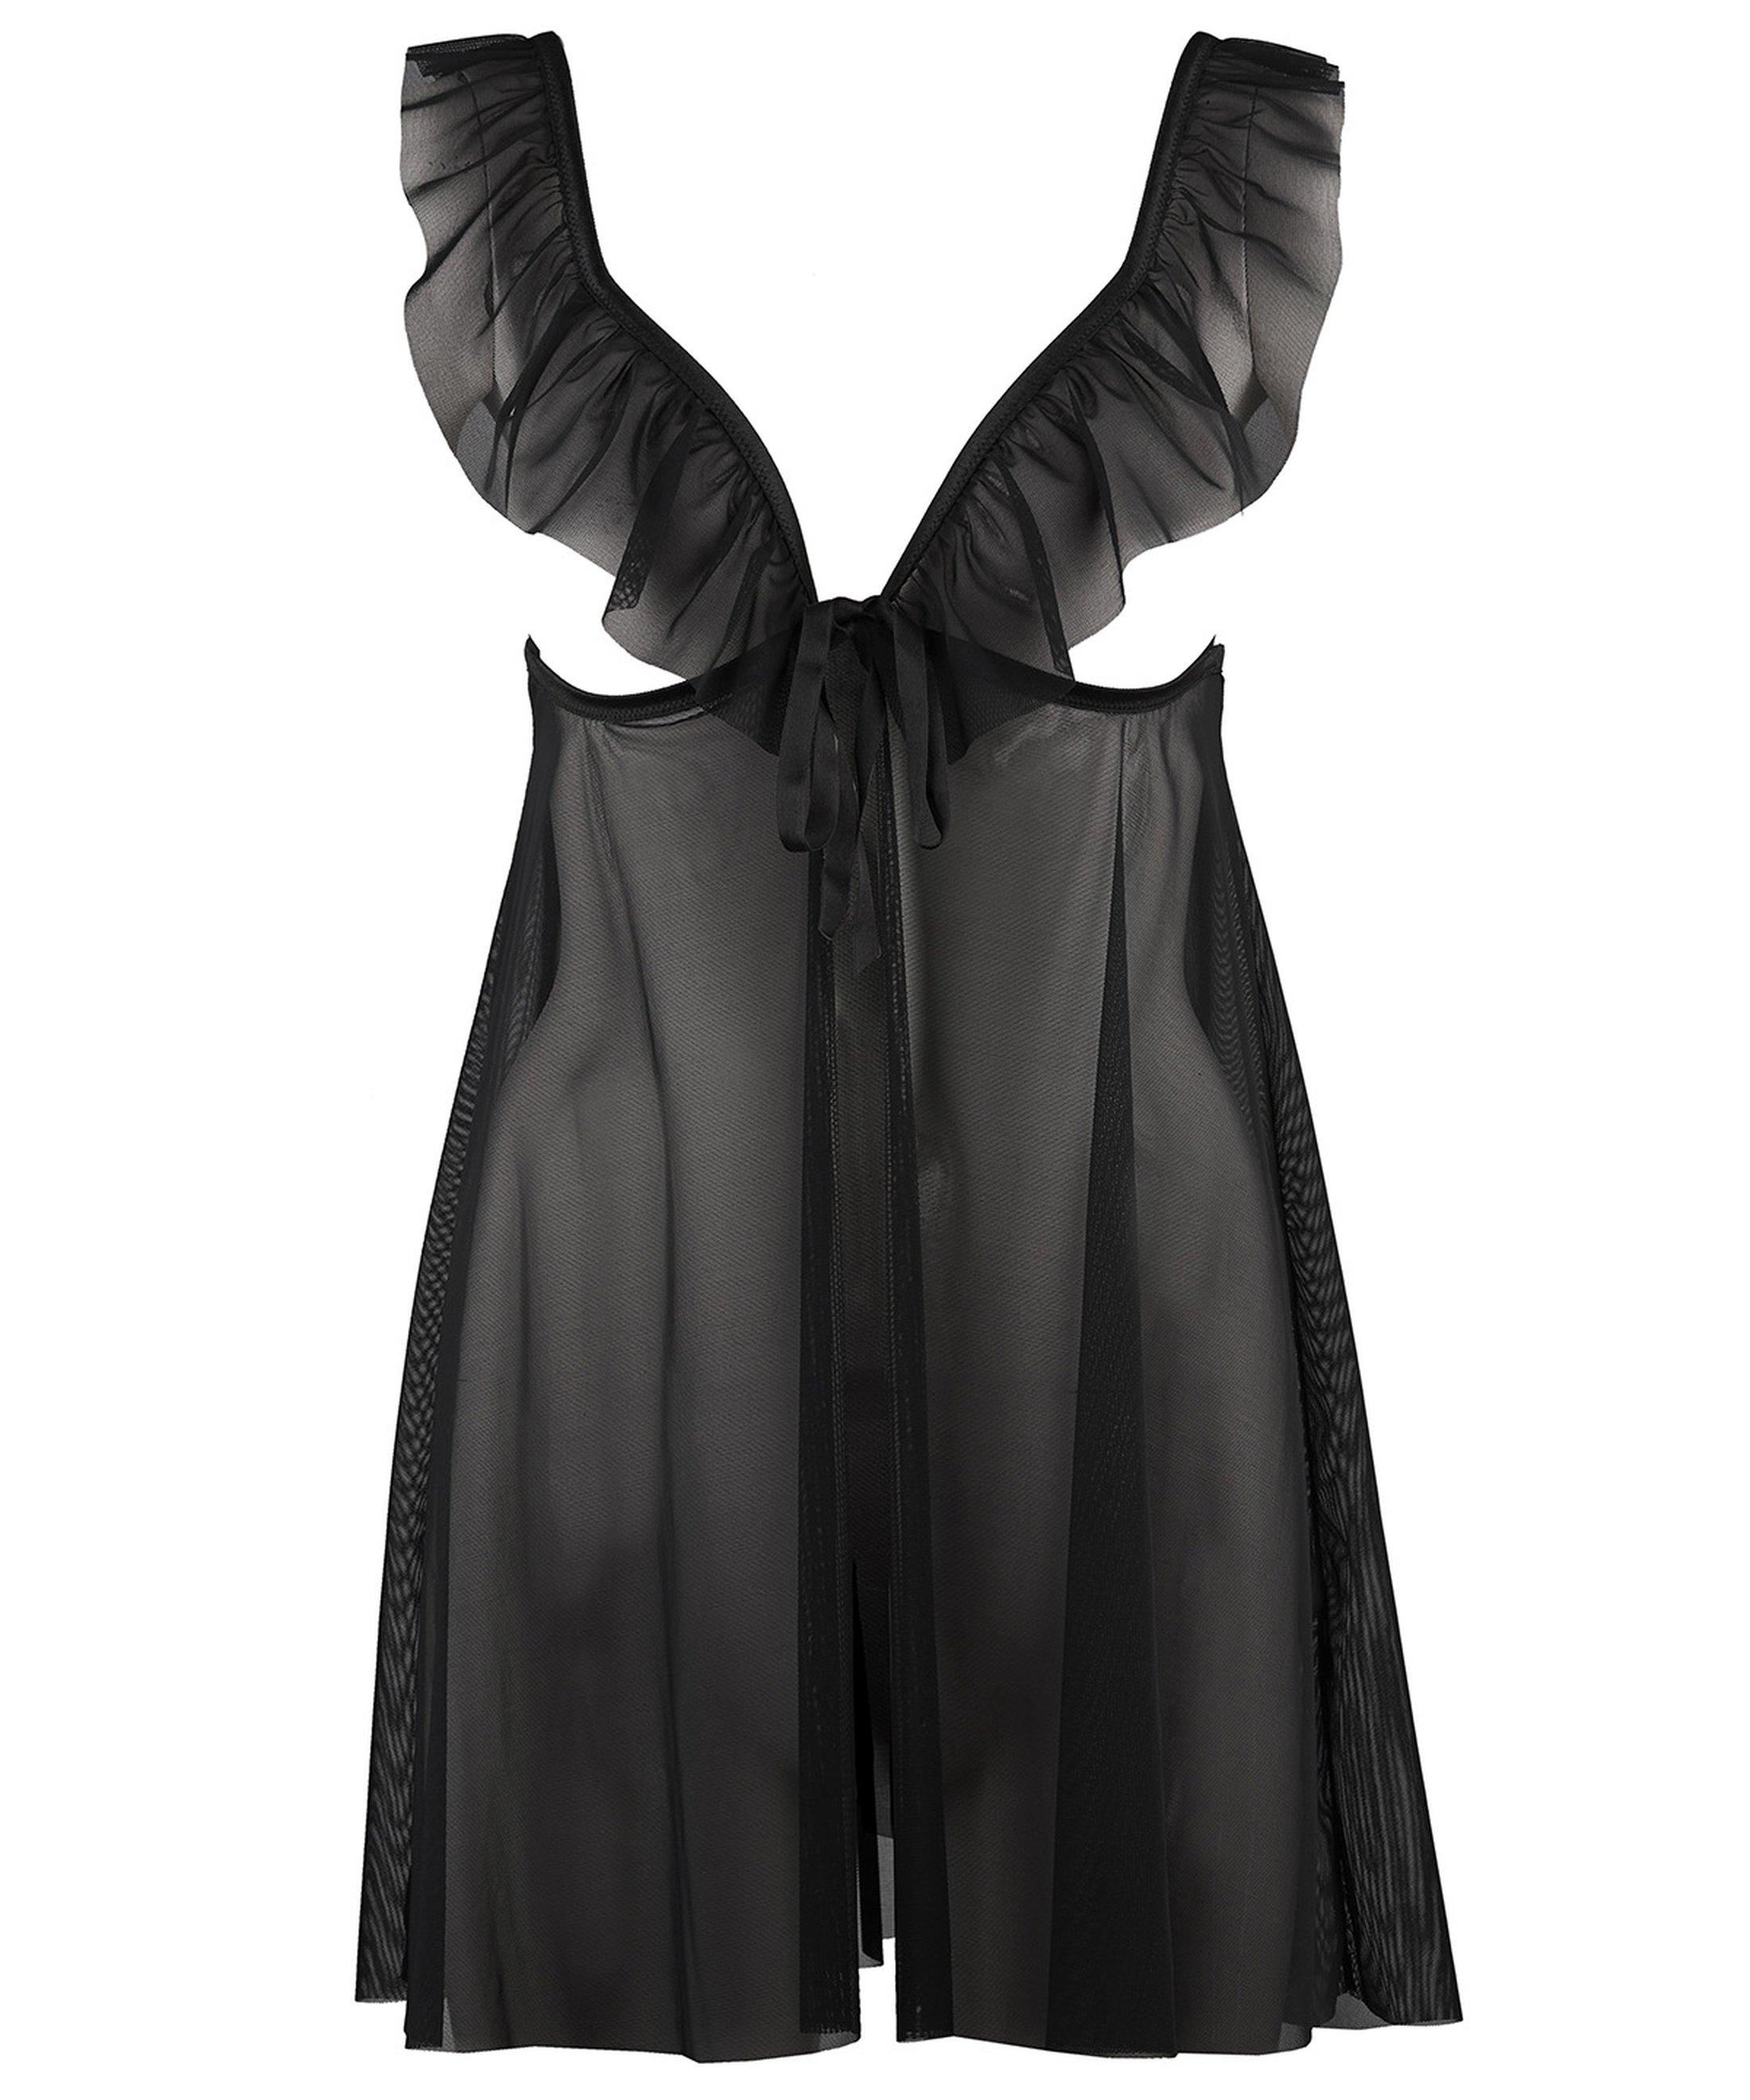 BOÎTE À DÉSIR Untie me Set Black | Aubade